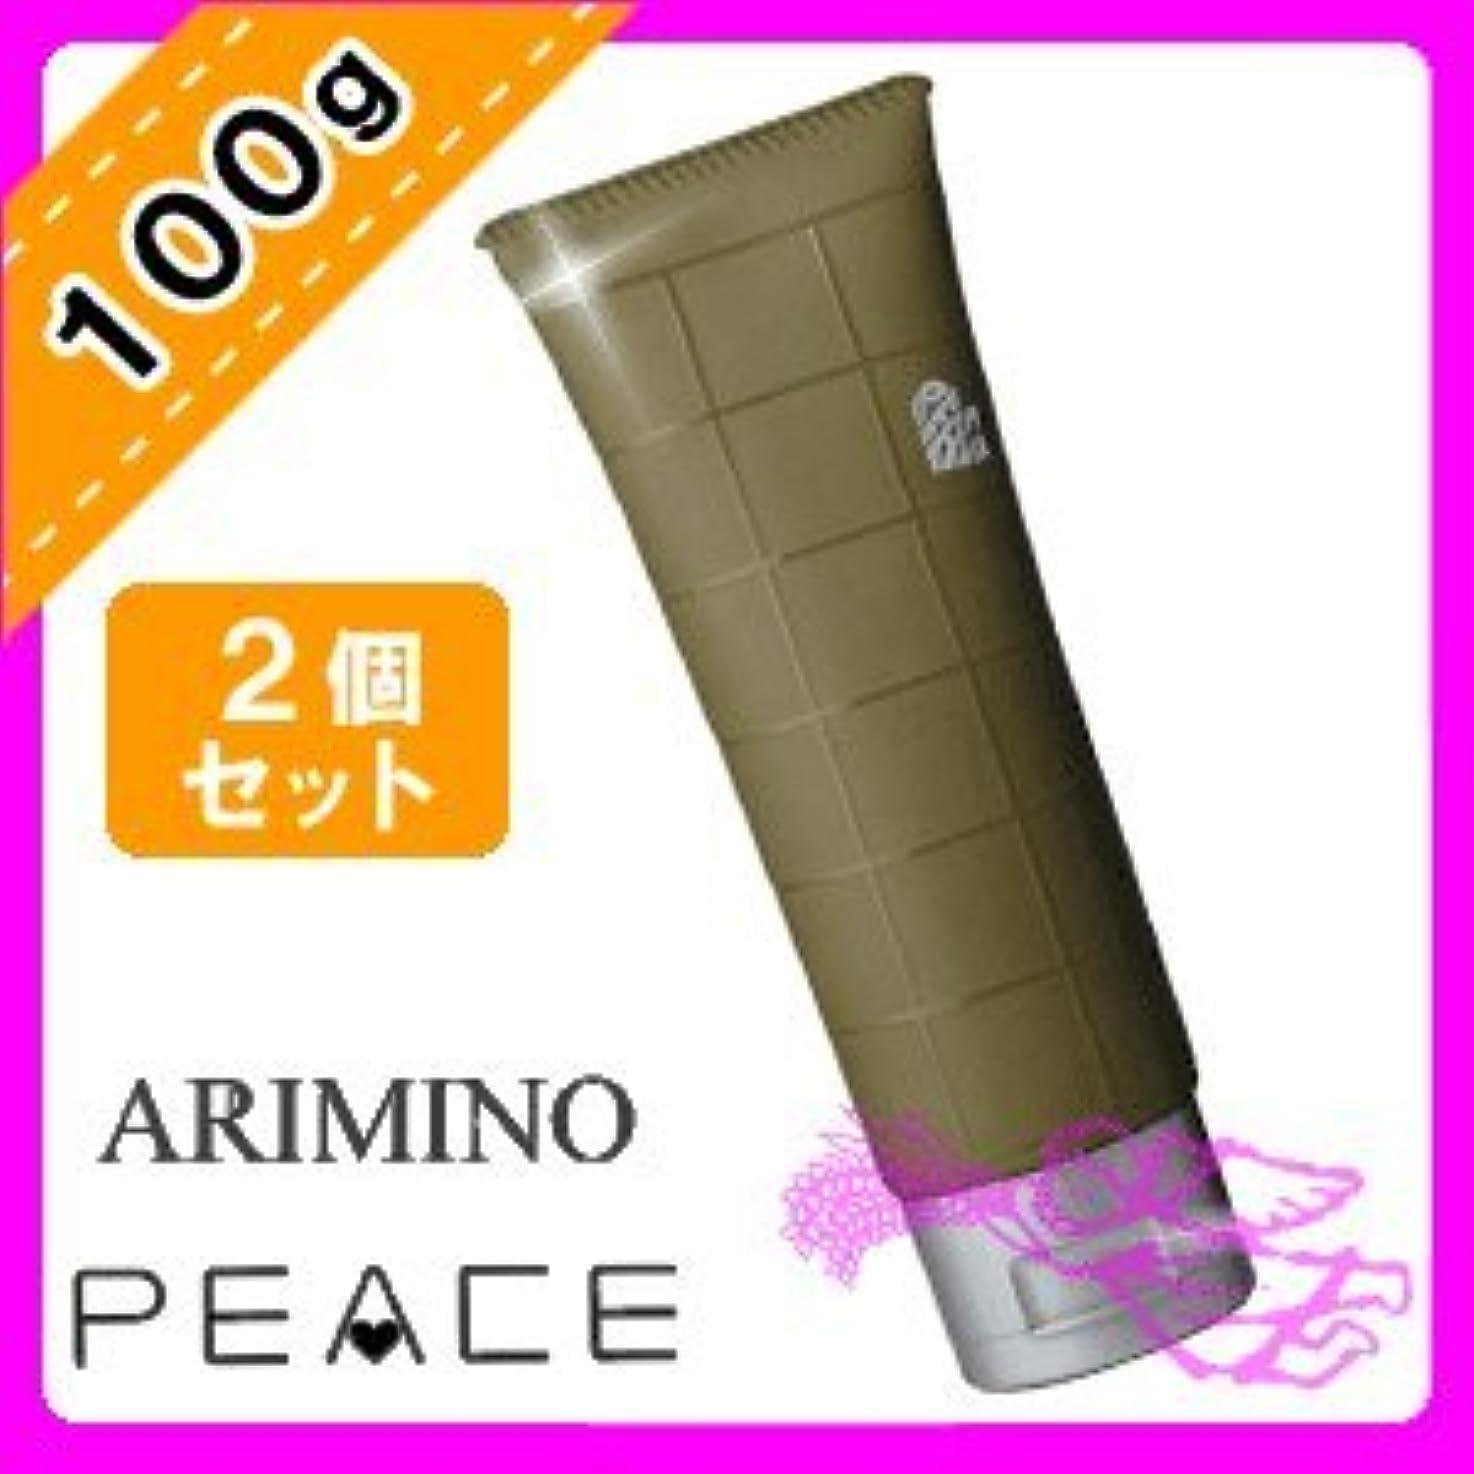 船形横向き真実アリミノ ピース ウェットオイル ワックス 100g ×2個セット arimino PEACE